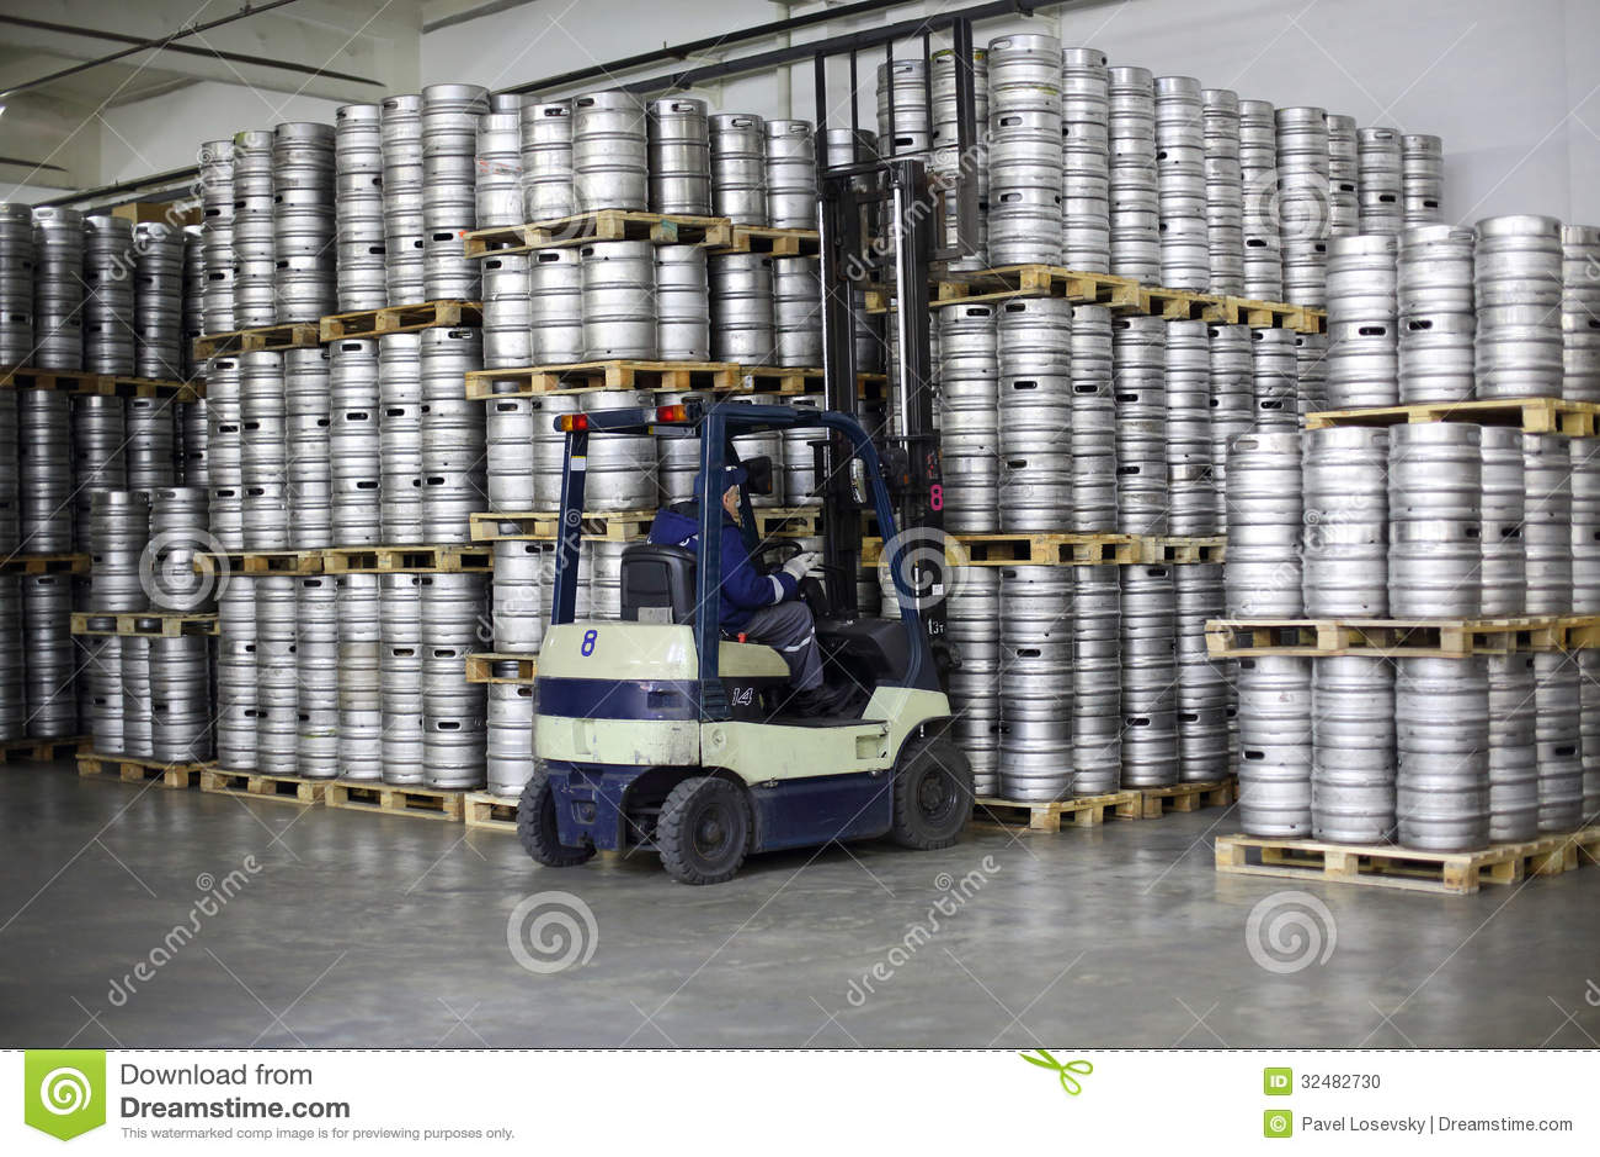 Forklift Loading Beer Kegs In Stock Brewery Ochakovo